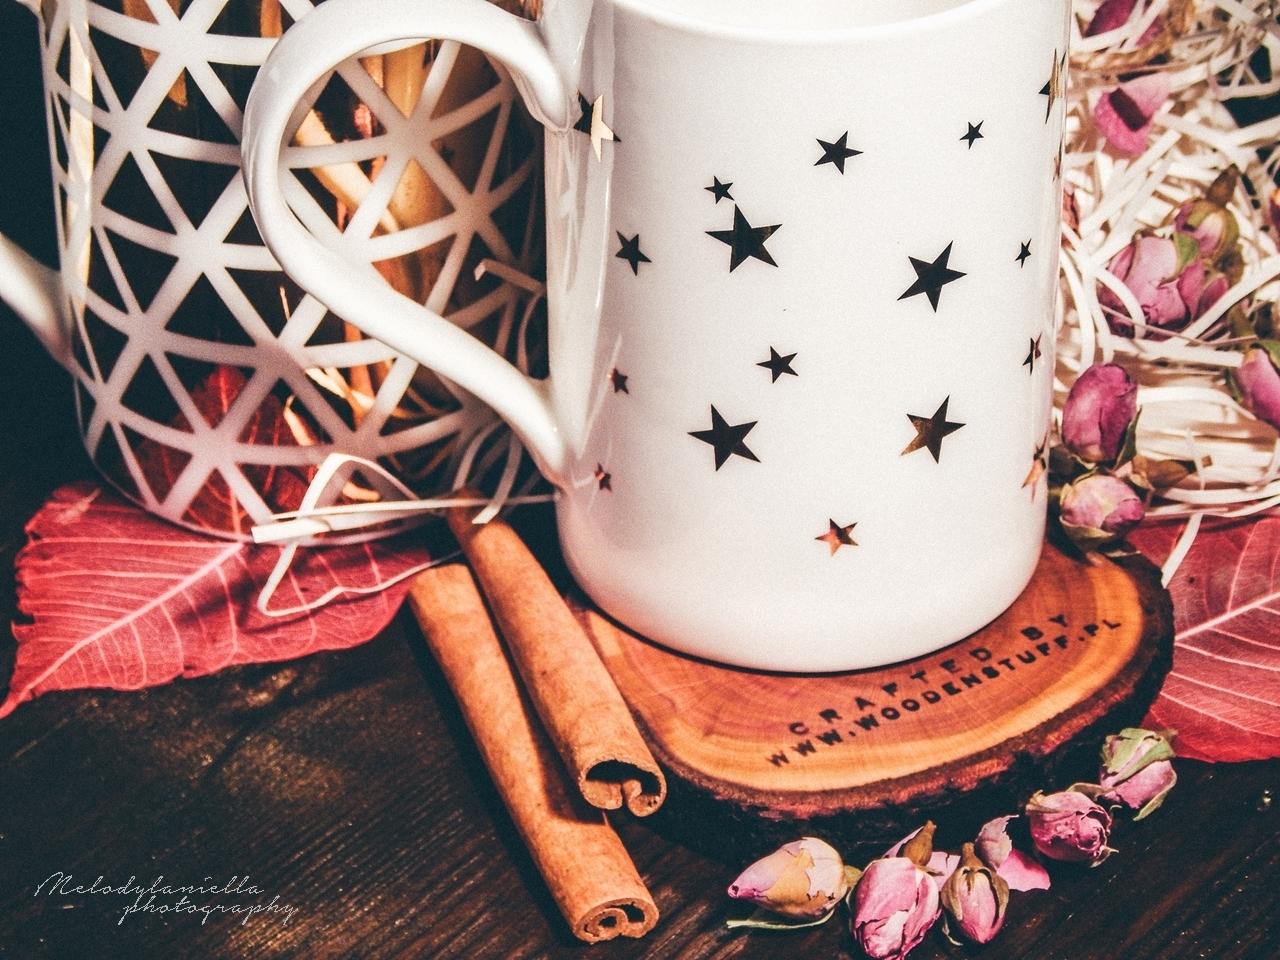 podkladka pod kubek drewniane dodatki do domu prezent kubki instagram woodenstuff